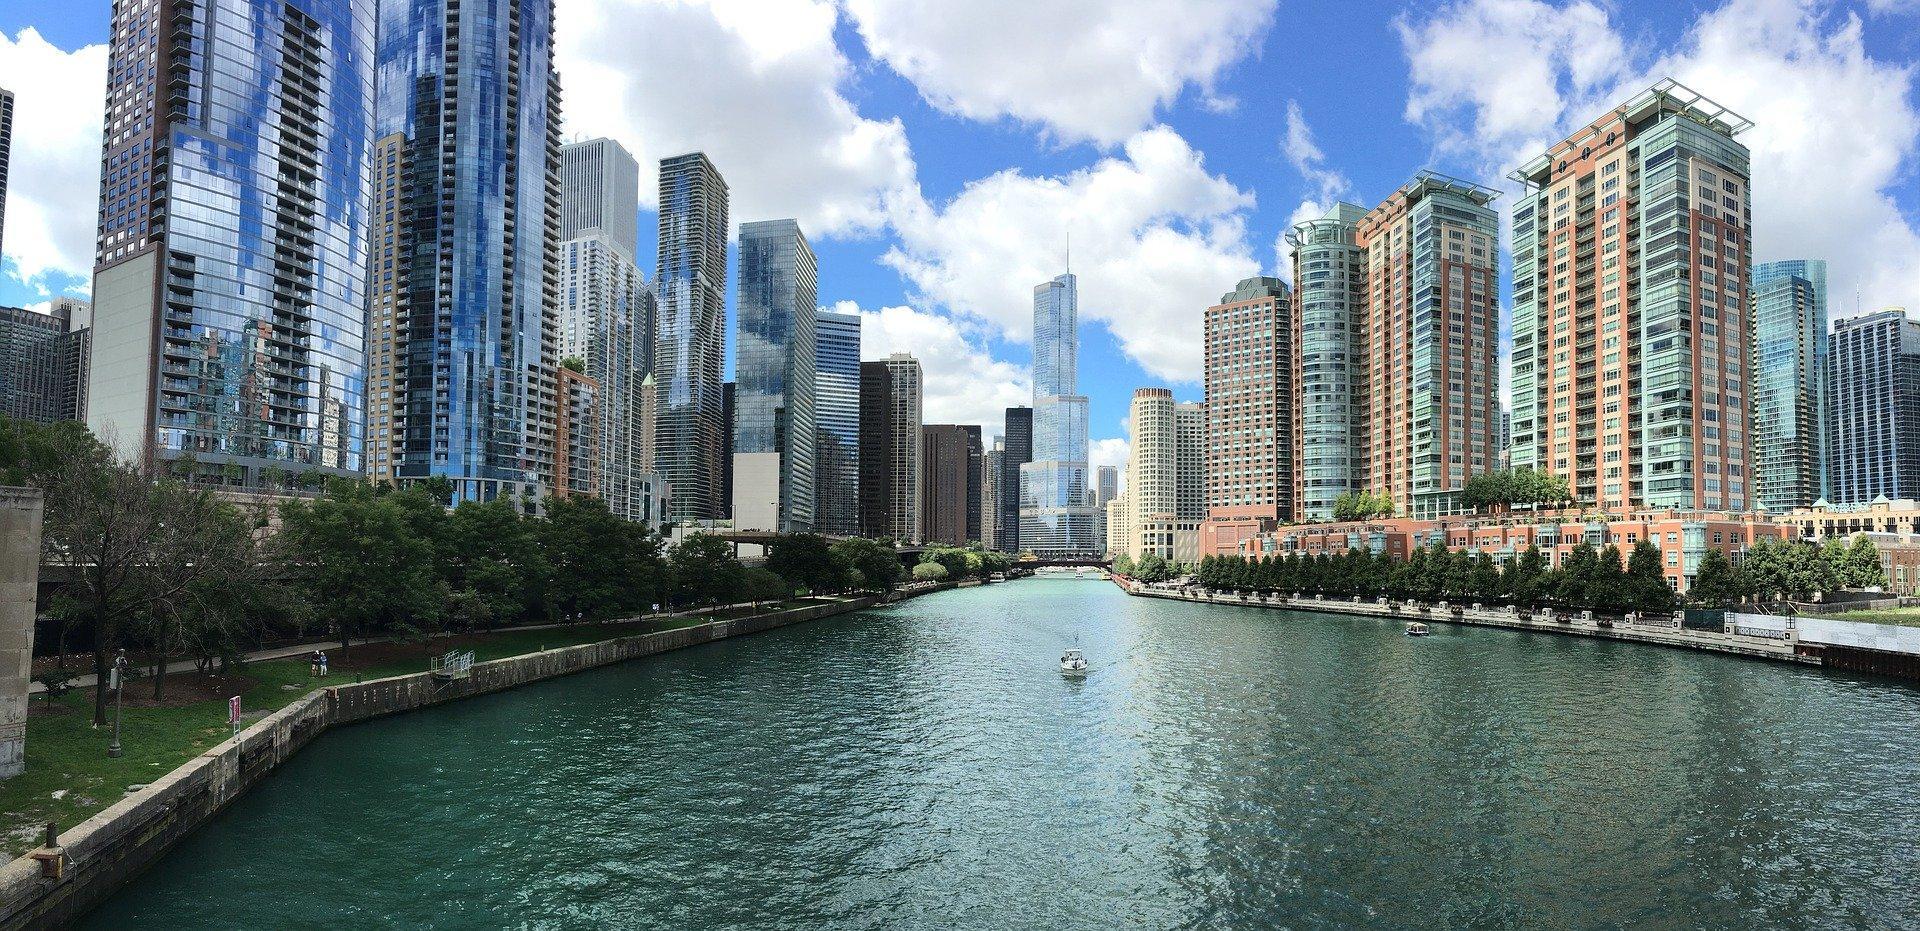 """Ψηφιακή """"βόλτα"""" σε 14 πανέμορφες πόλεις του κόσμου"""